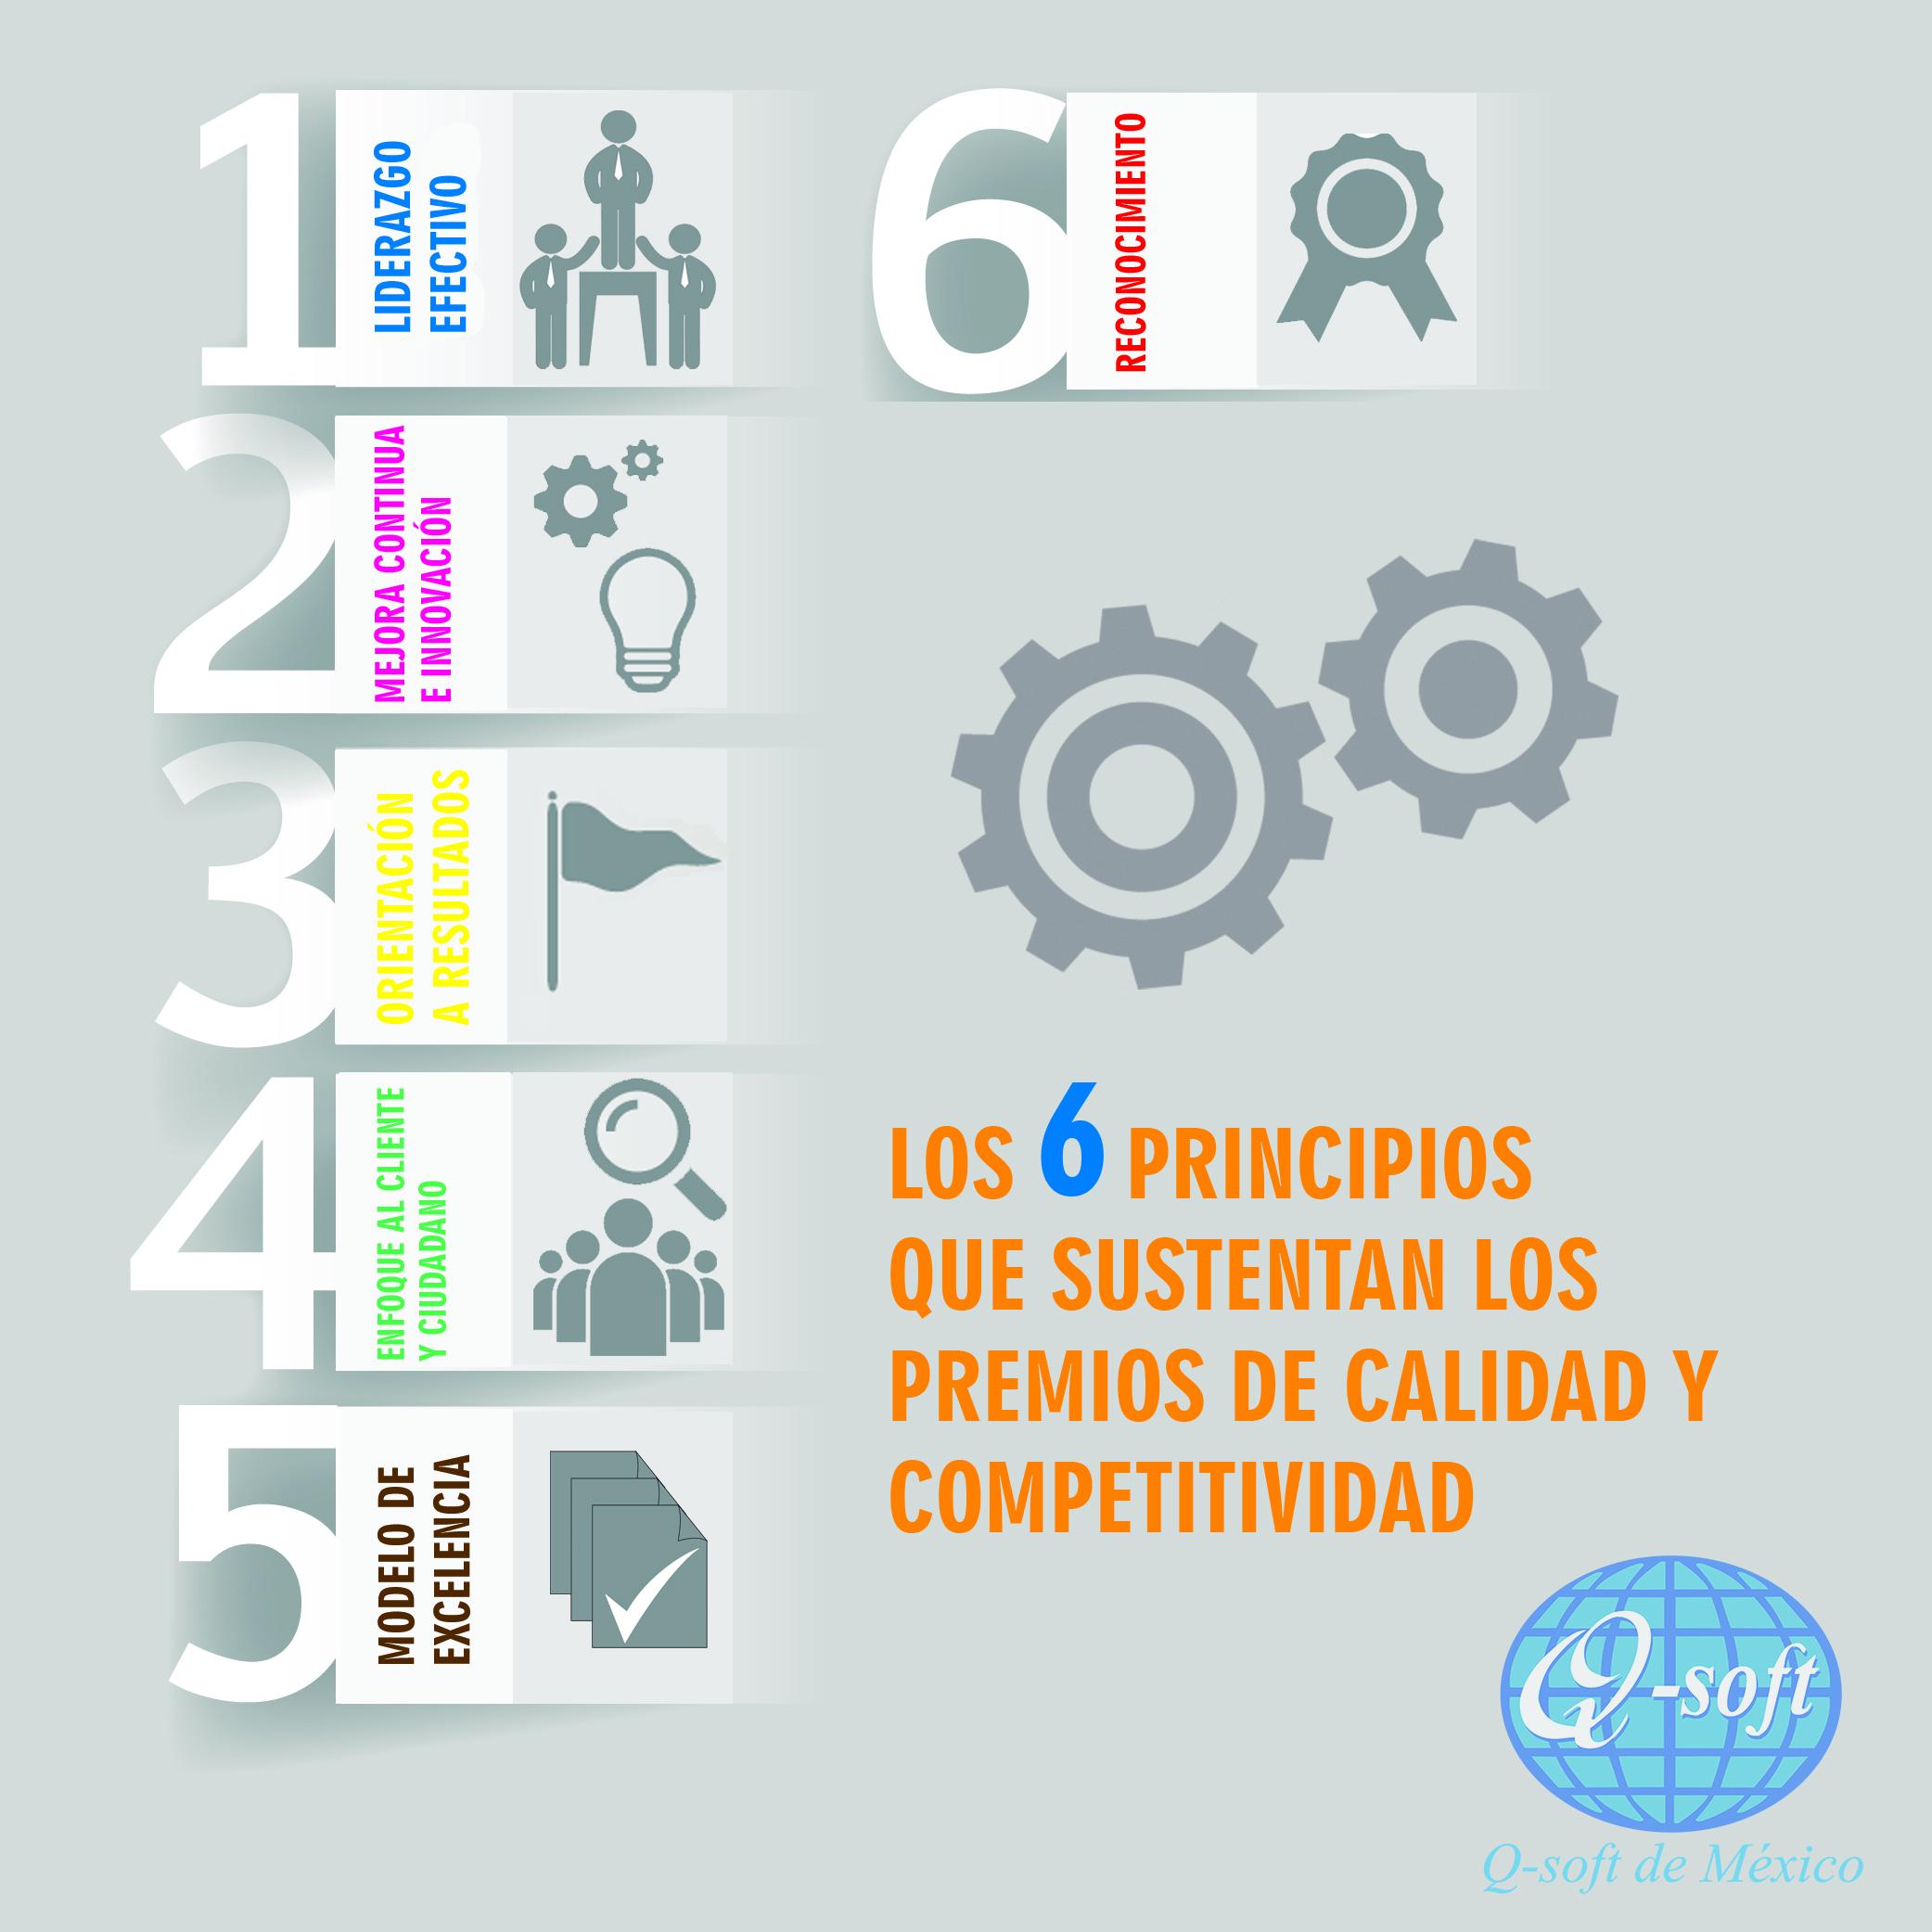 6 PRINCIPIOS MODELO CYC